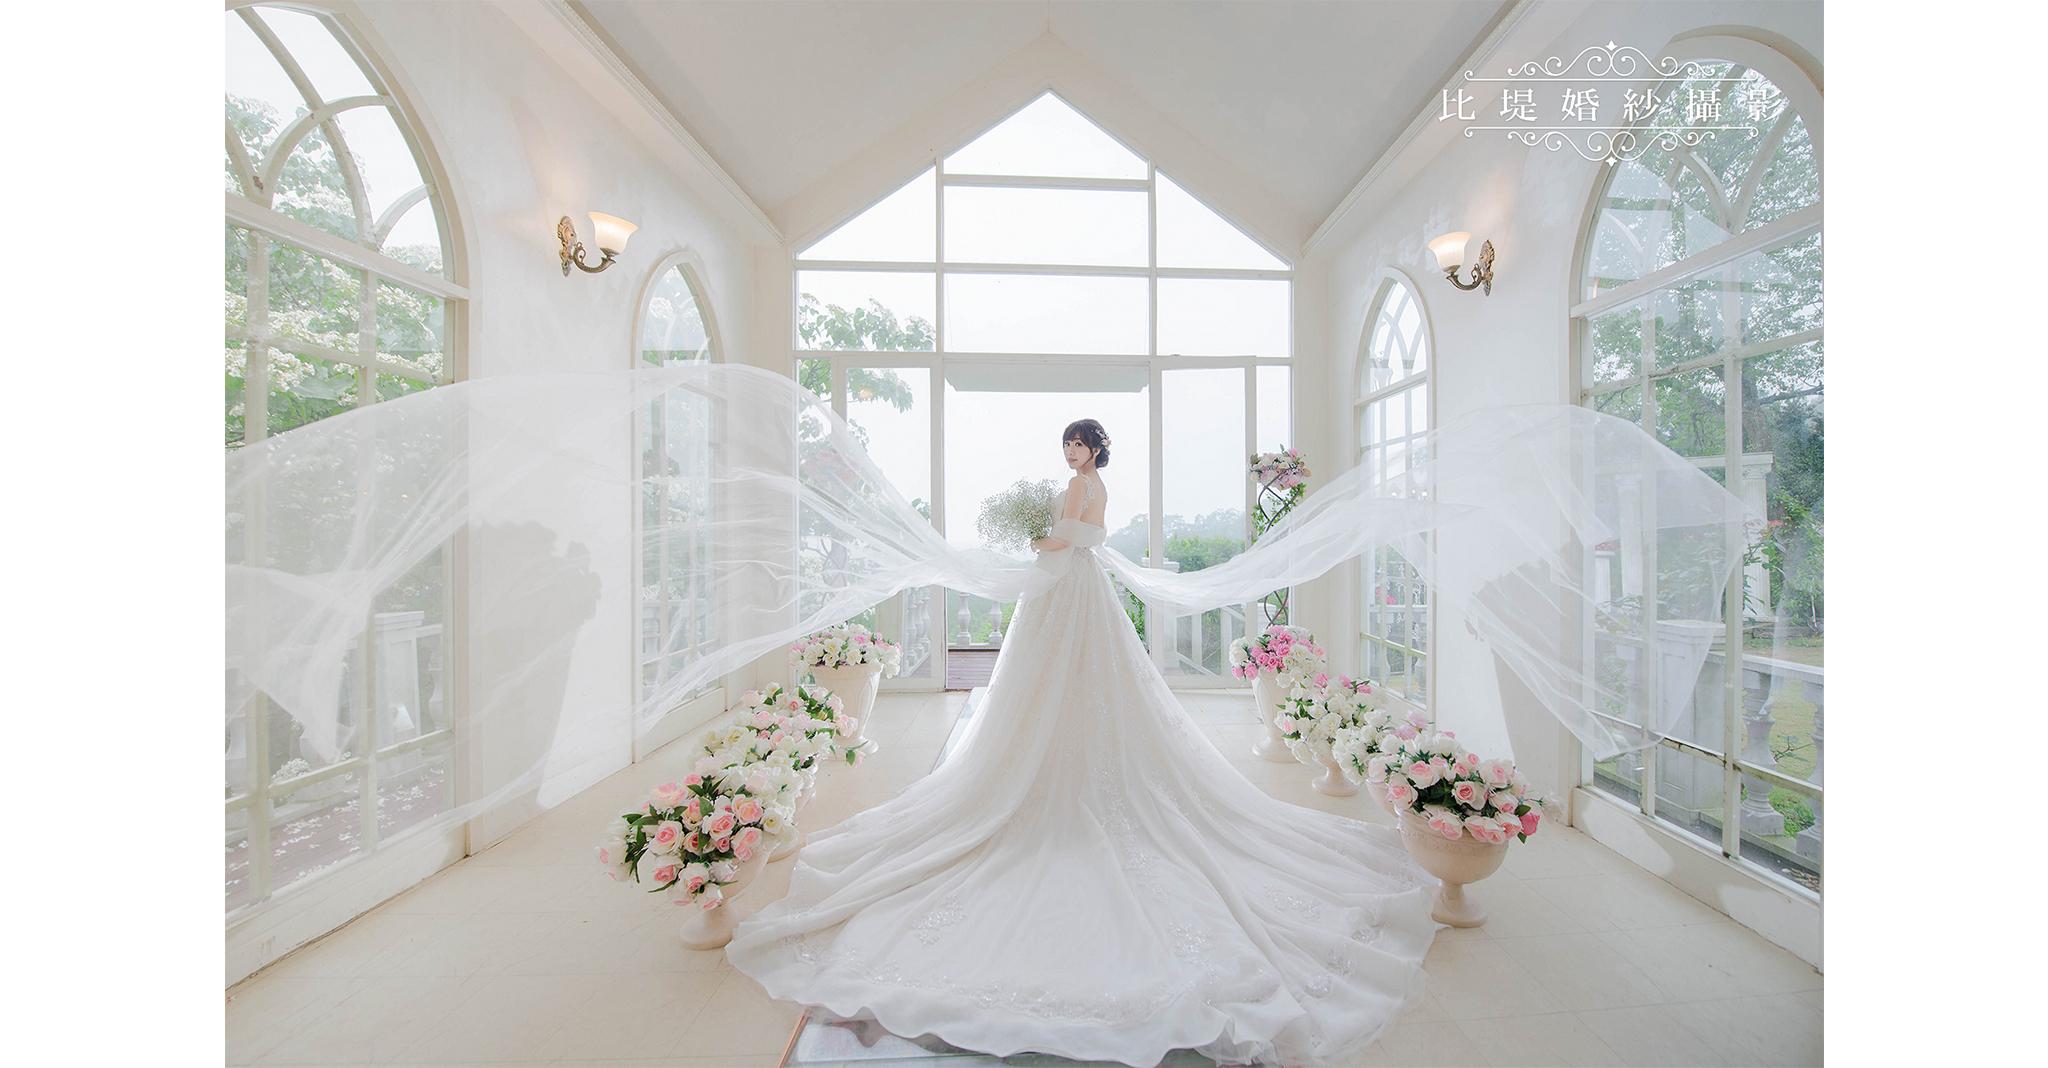 比堤婚紗 婚紗攝影價格